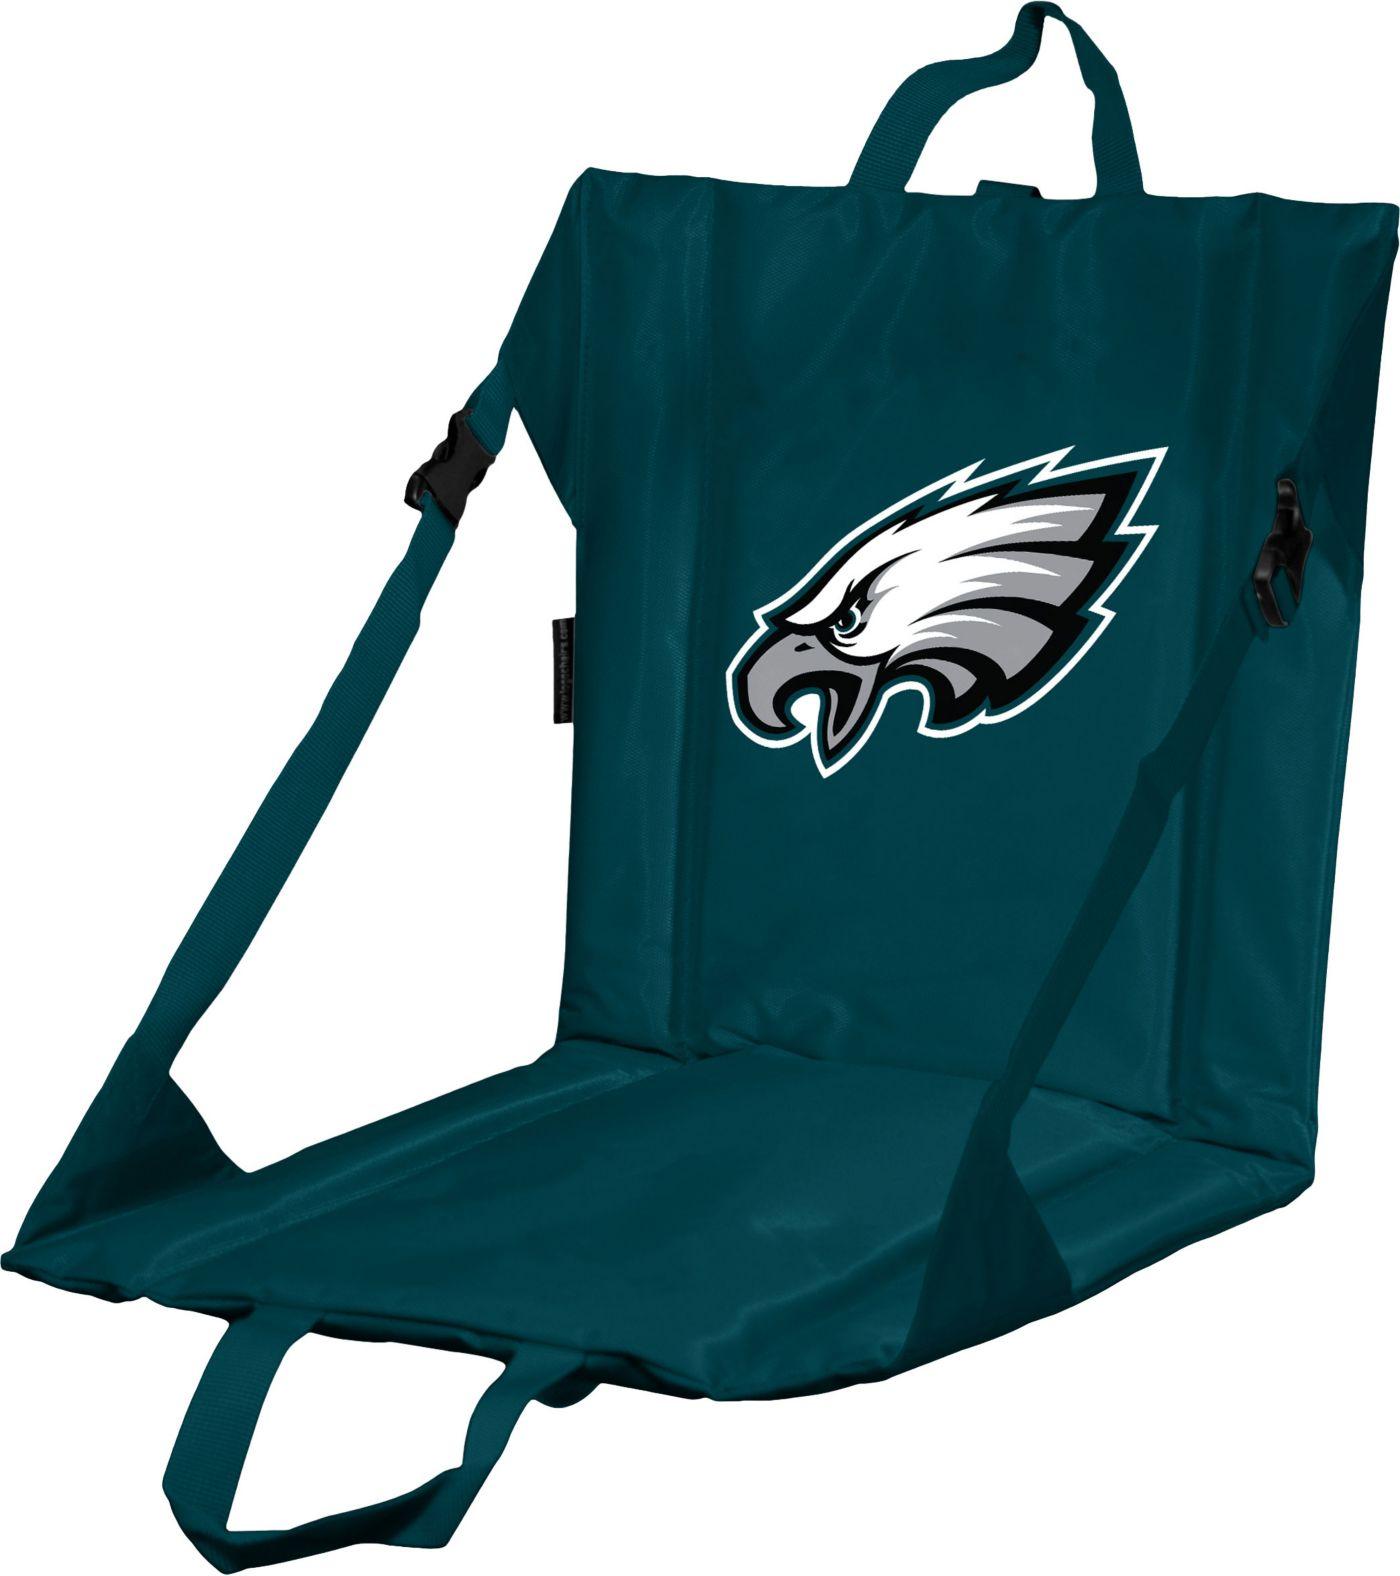 Philadelphia Eagles Stadium Seat